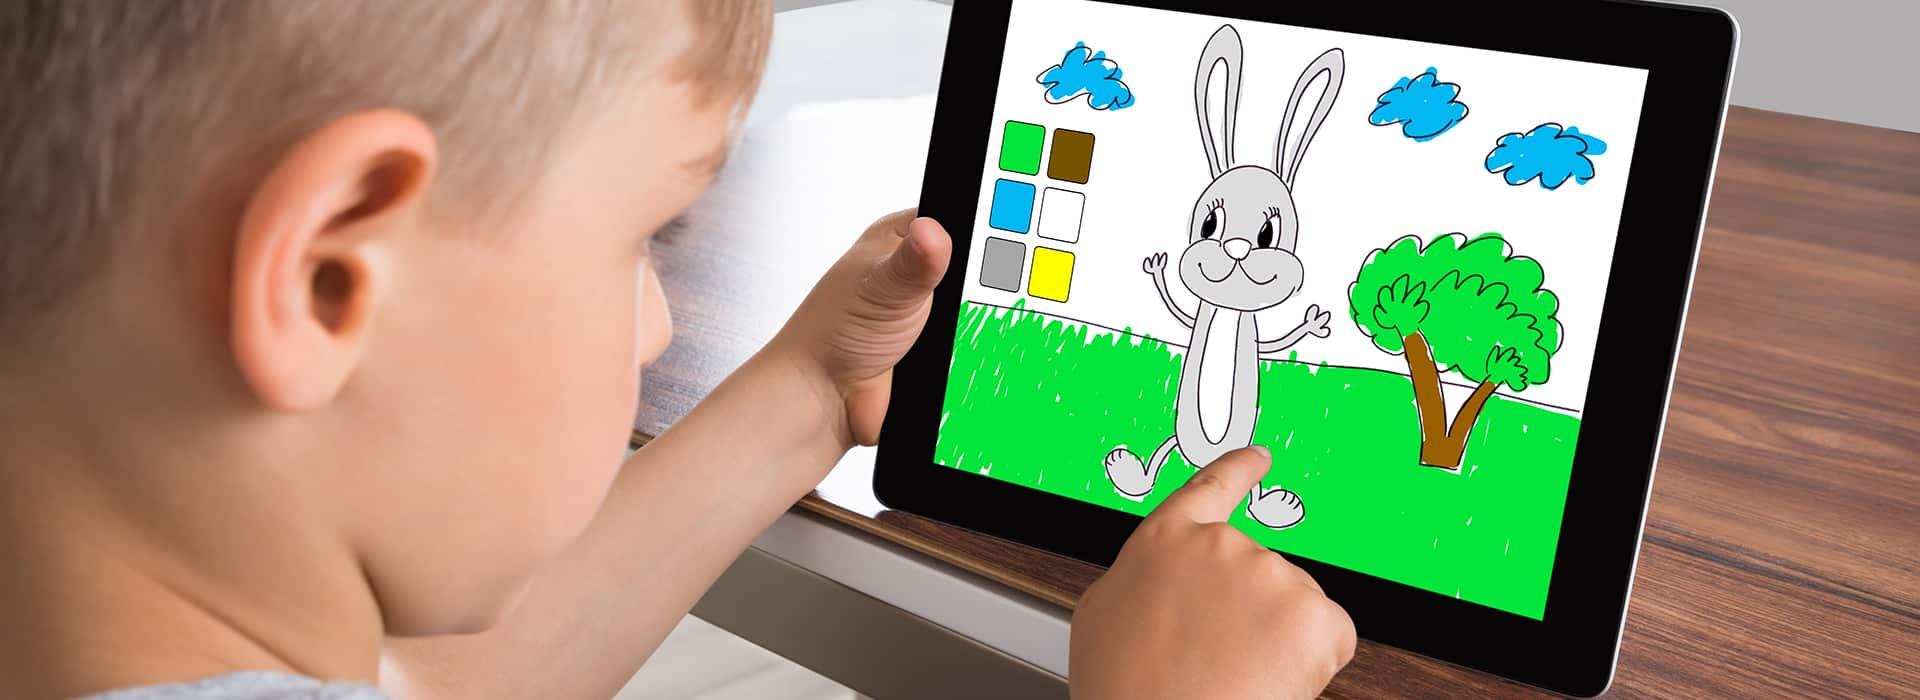 Tablette Enfant : Voici Les Meilleurs Modèles À Offrir En 2020 tout Jeux Educatif Gratuit 6 Ans